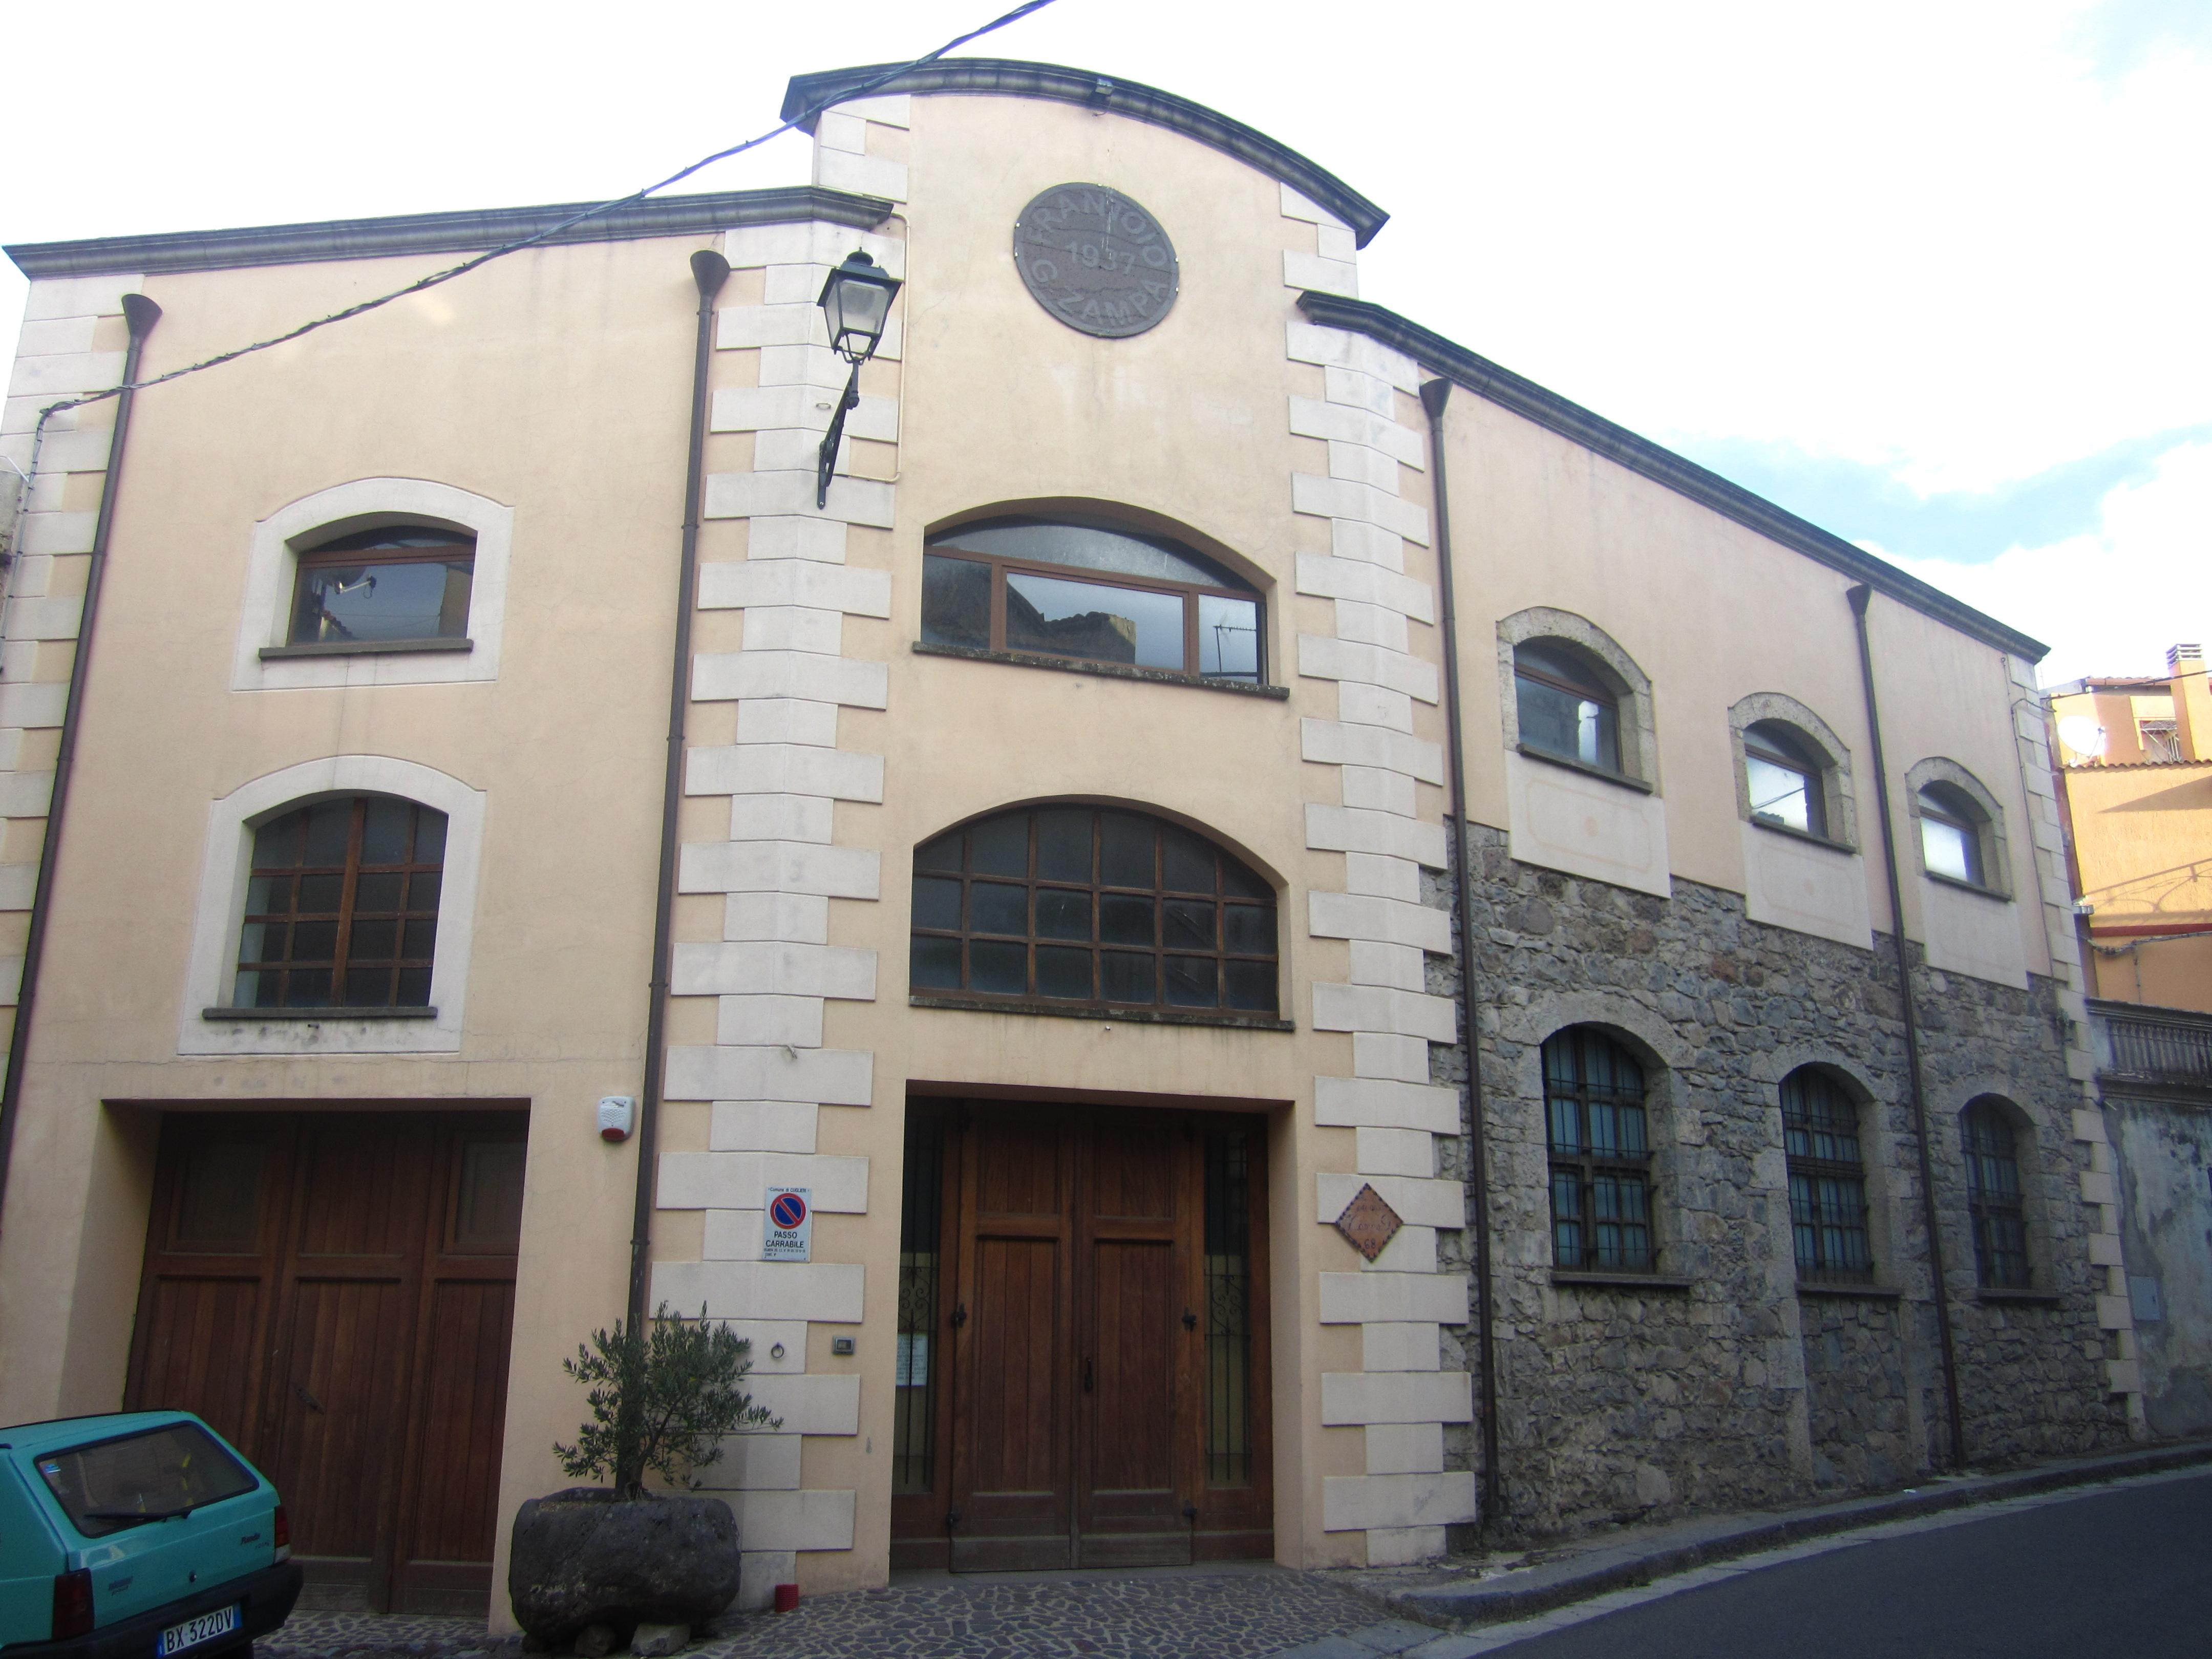 Museo dell'olio Dr. Giorgio Zampa